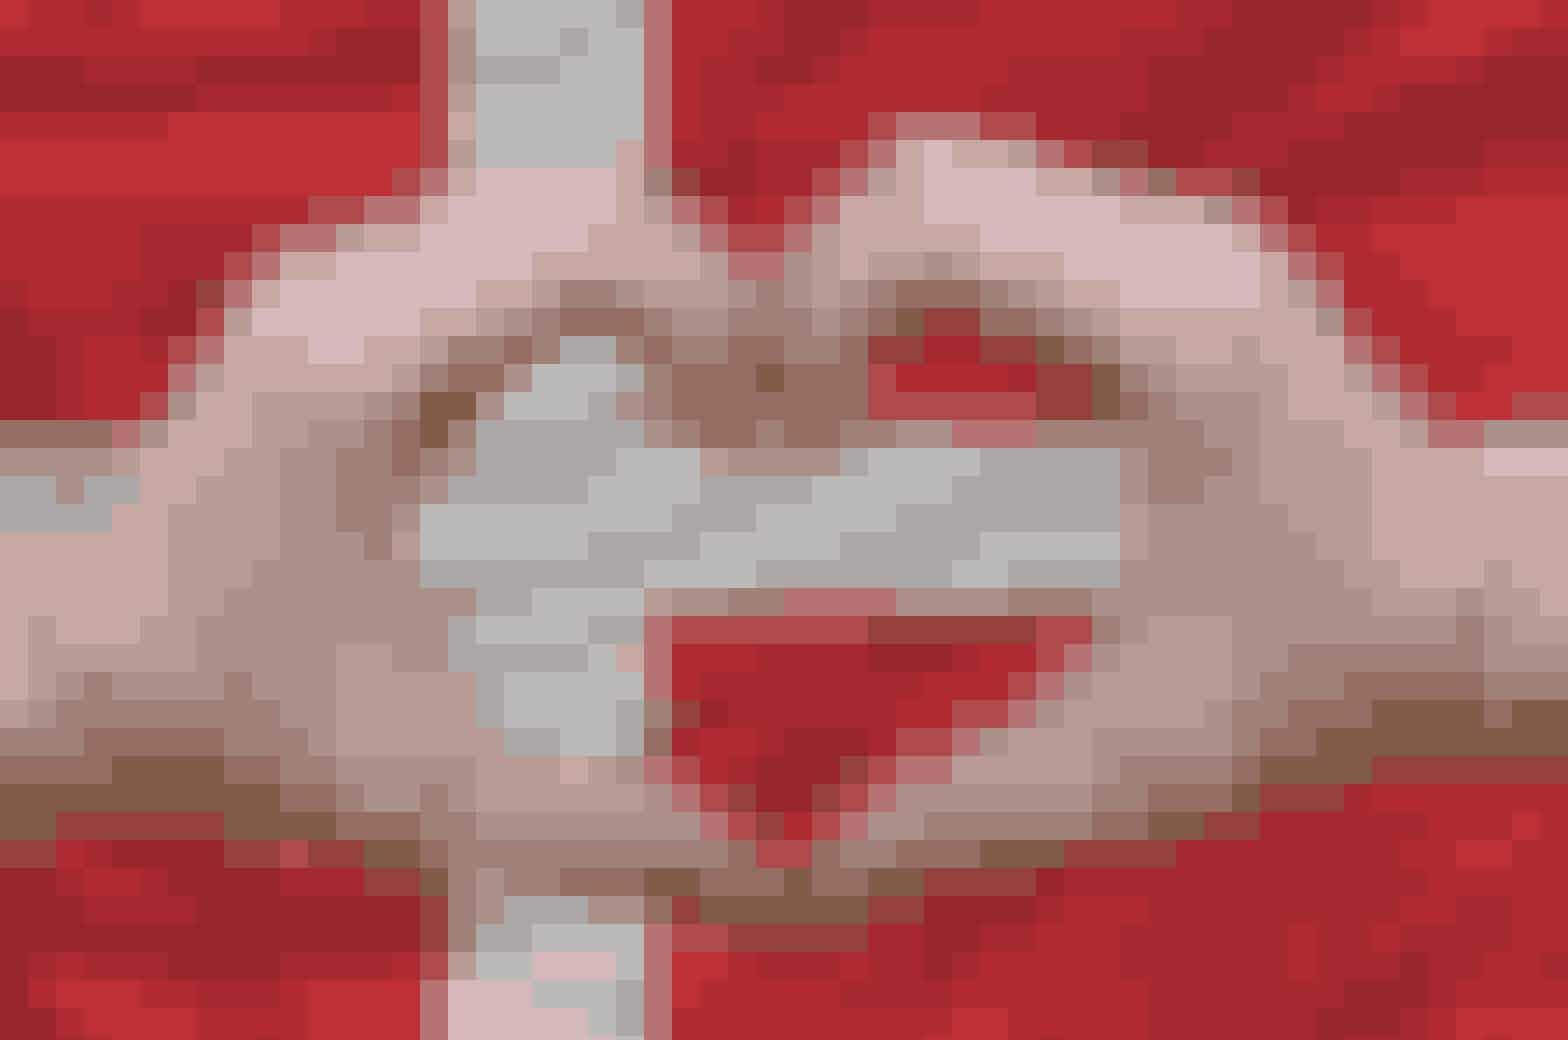 Danmark har i over 1.000 år været en del af den kristne kulturkreds. Kristendommens begreb om næstekærlighed og de protestantiske tanker om arbejdets vigtige betydning, det personlige ansvar og alle menneskers lighed over for Gud har sat deres spor helt op i det moderne Danmark. Selvom der er megen diskussion om religionens rolle i samfundet i dag, er folkekirken stadig et nationalt symbol for mange mennesker.